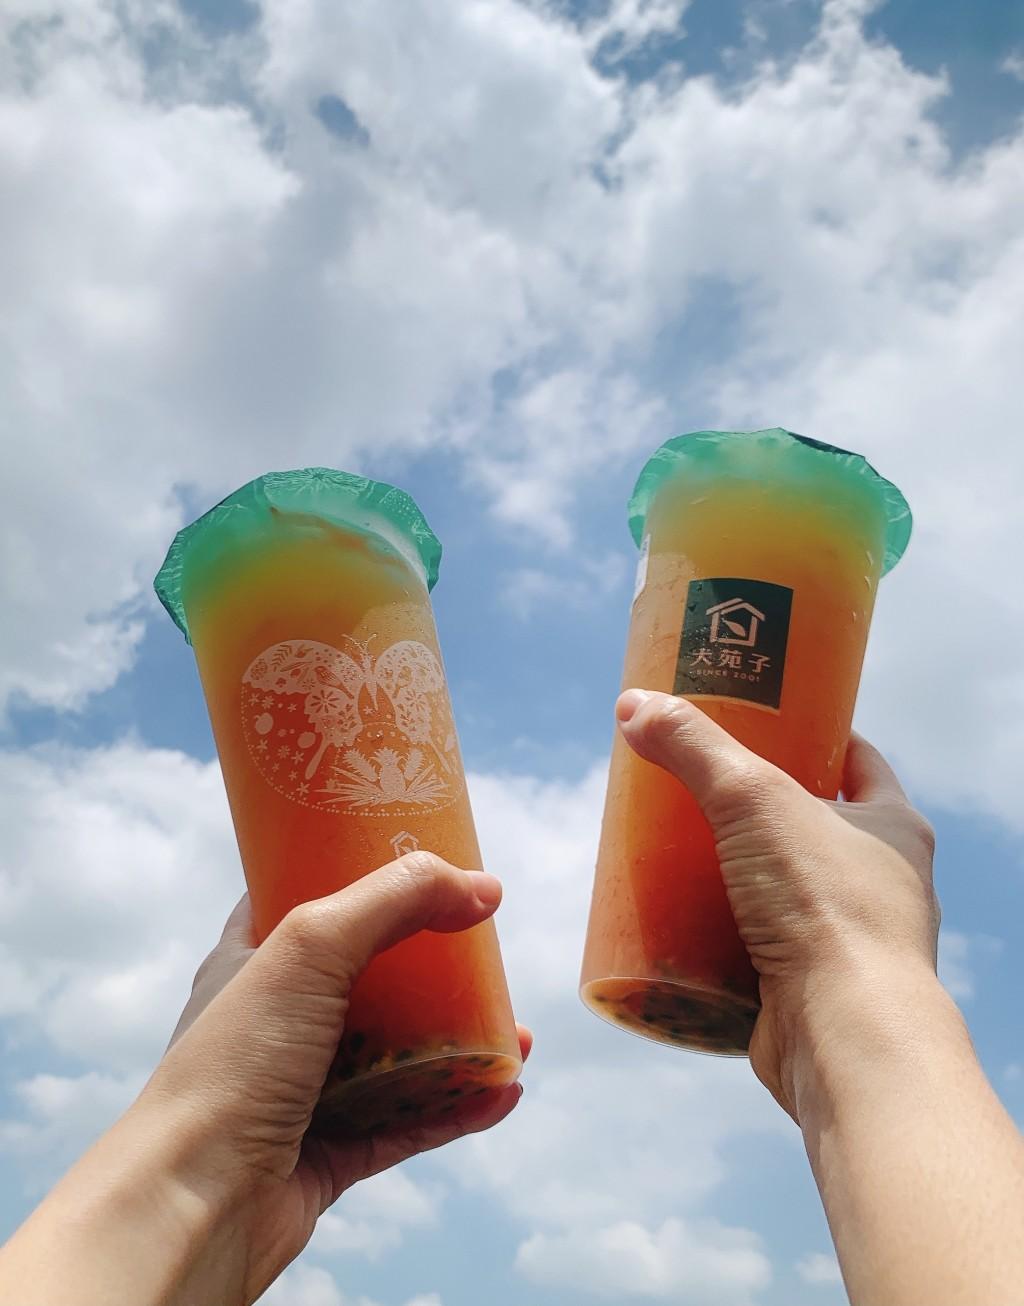 大苑子20週年!人氣暢銷古早味「柚見百香」8/20-8/24經典復刻上市!